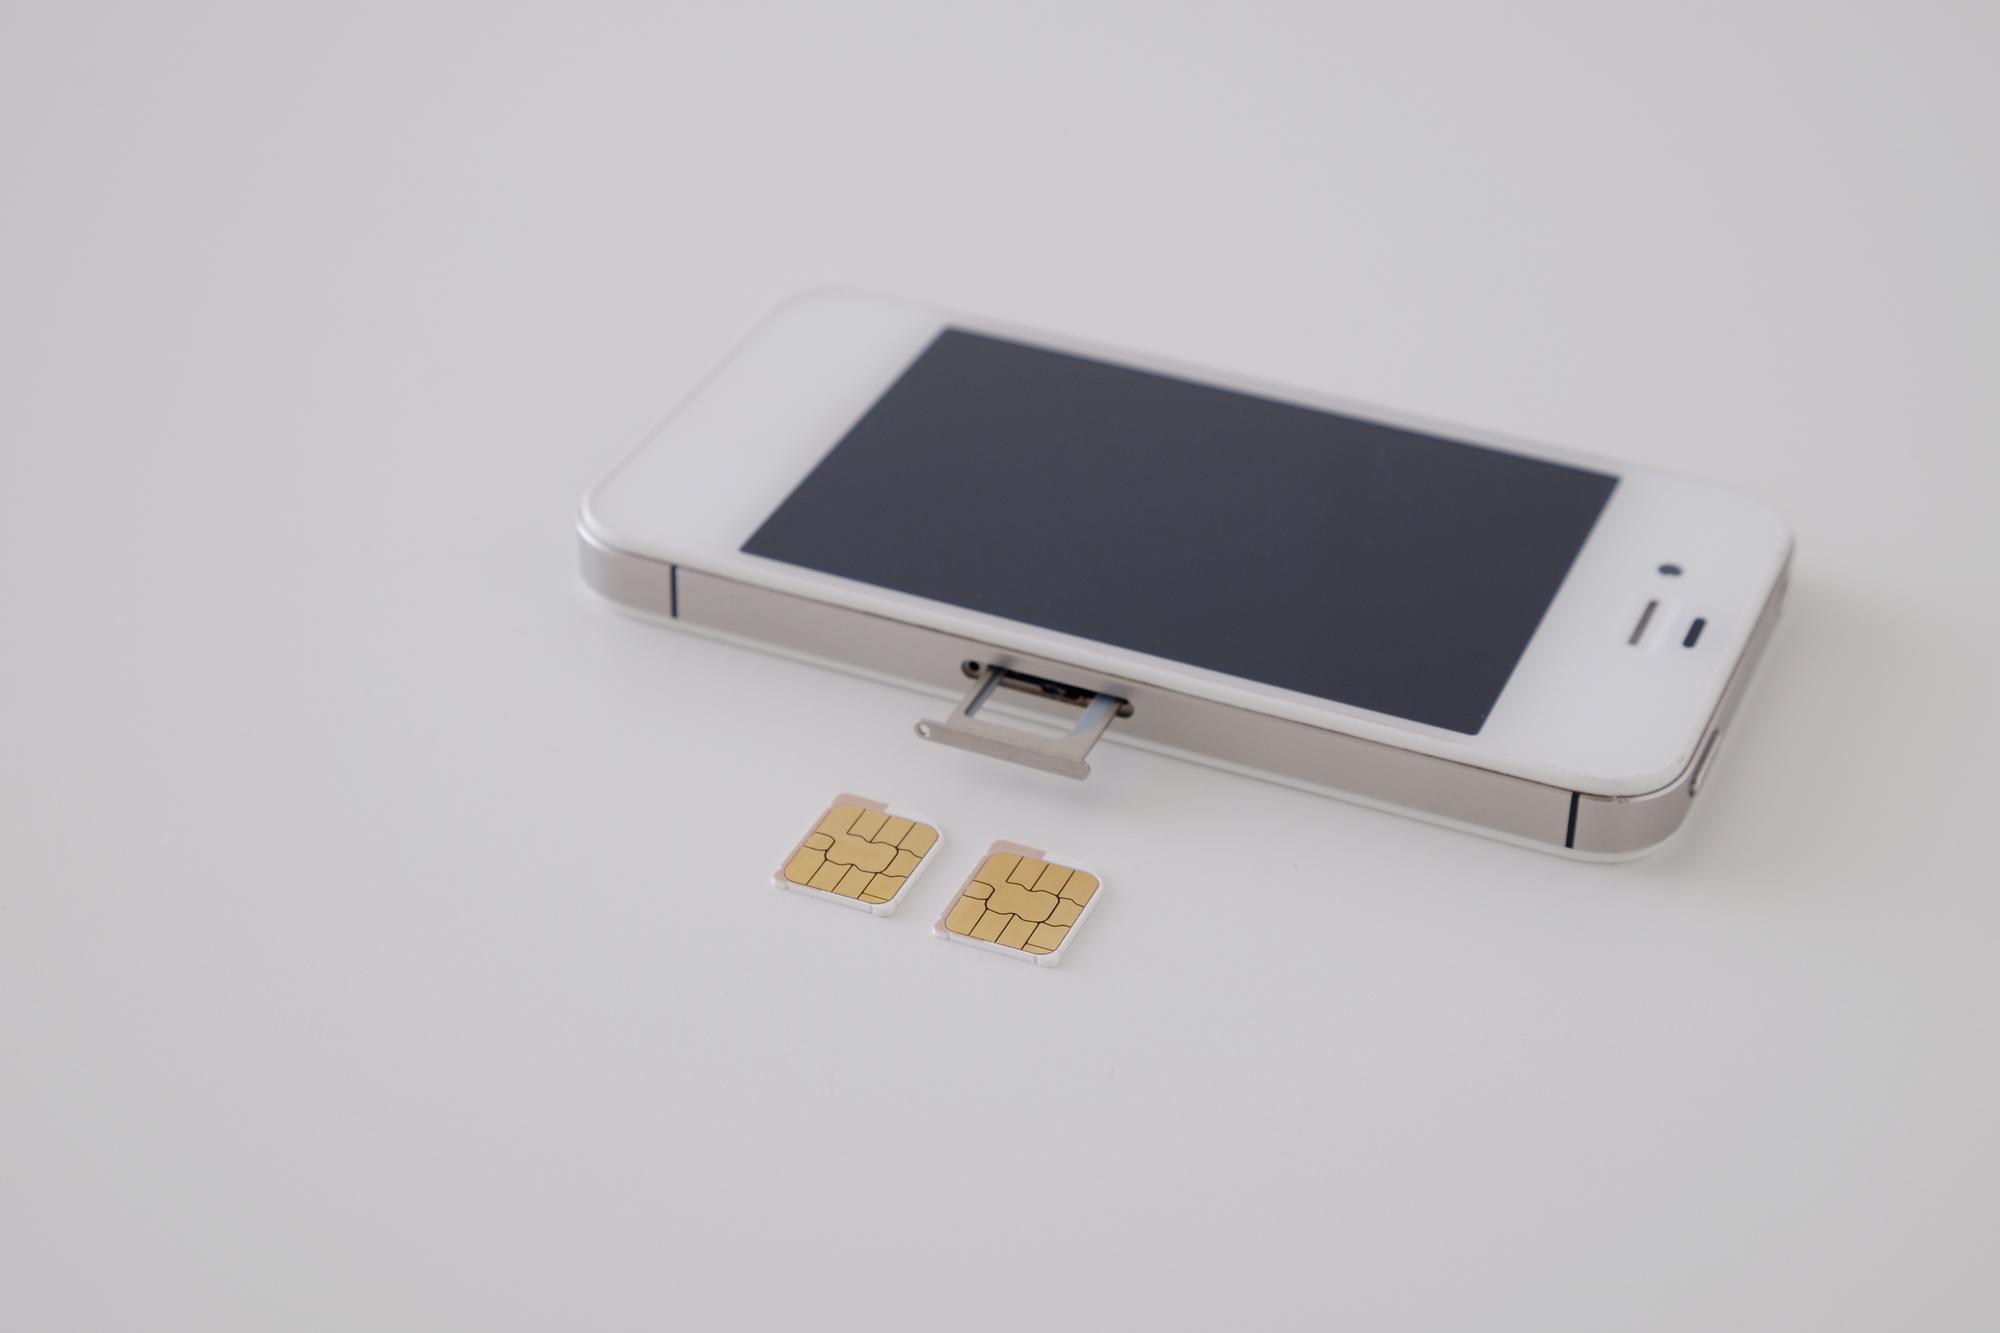 AQUOS mini SH-M03【SHARP】の特徴とスペックのご紹介